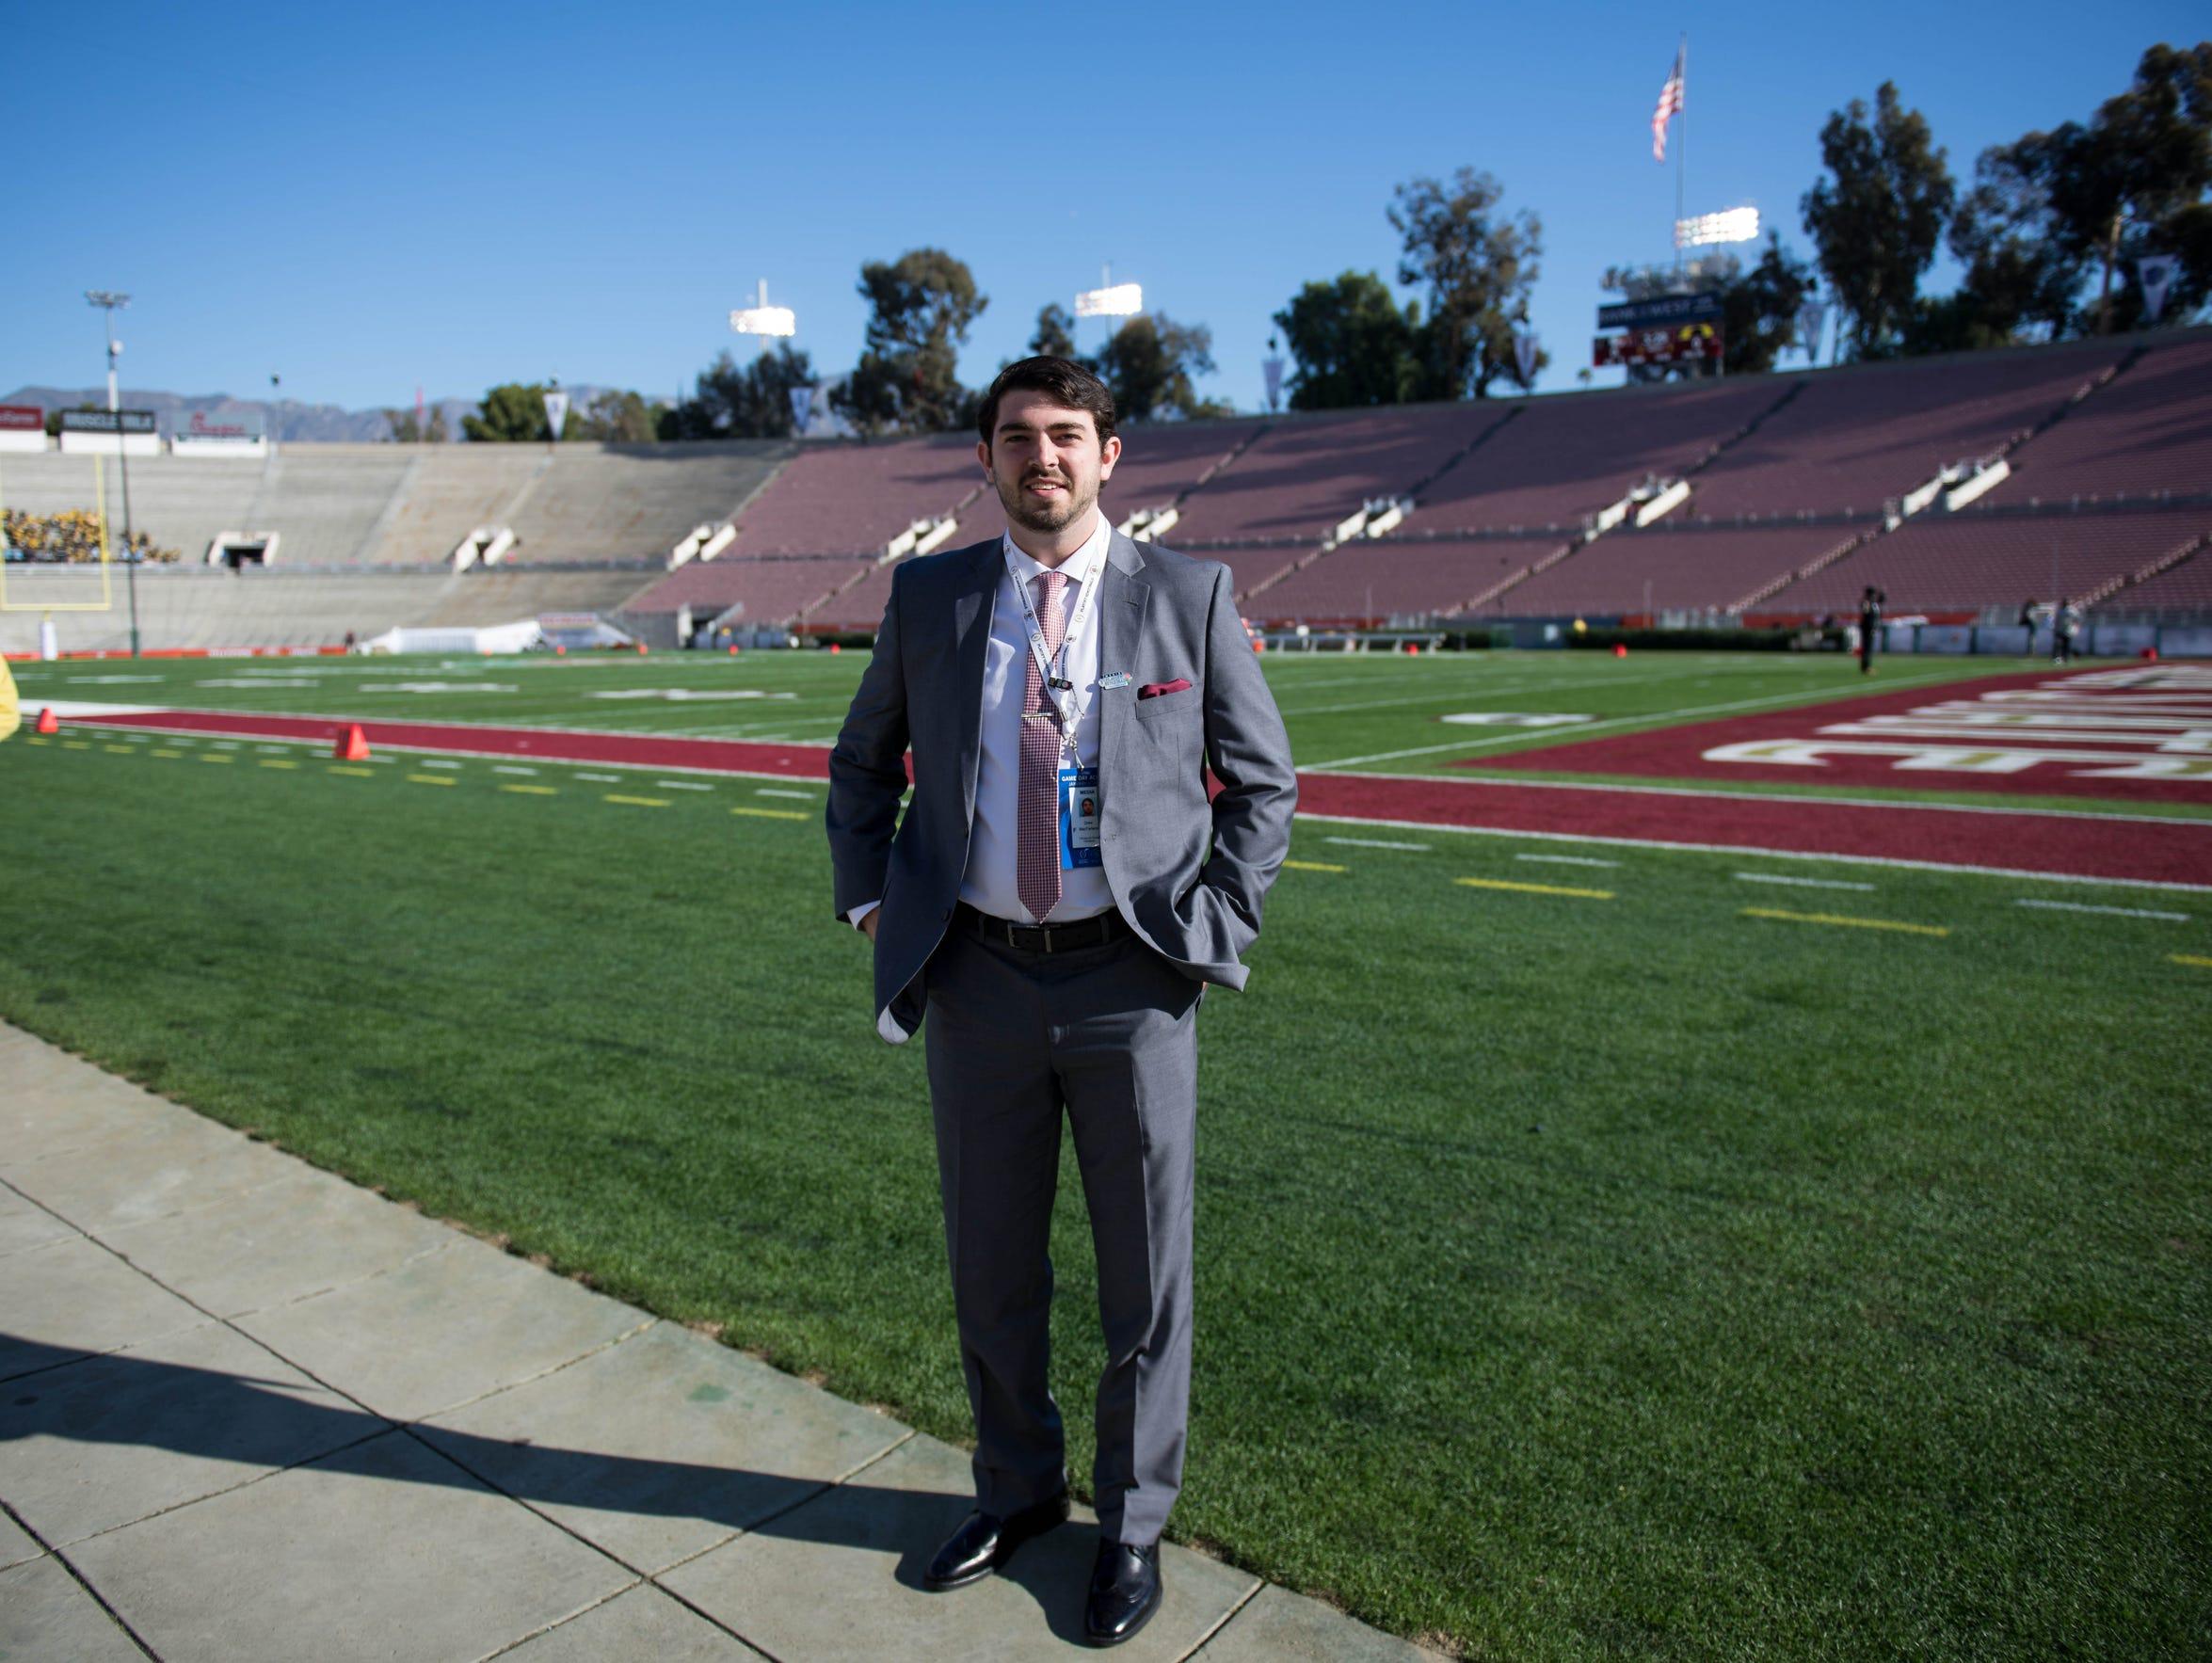 Drew MacFarlane poses at the Rose Bowl in Pasadena.